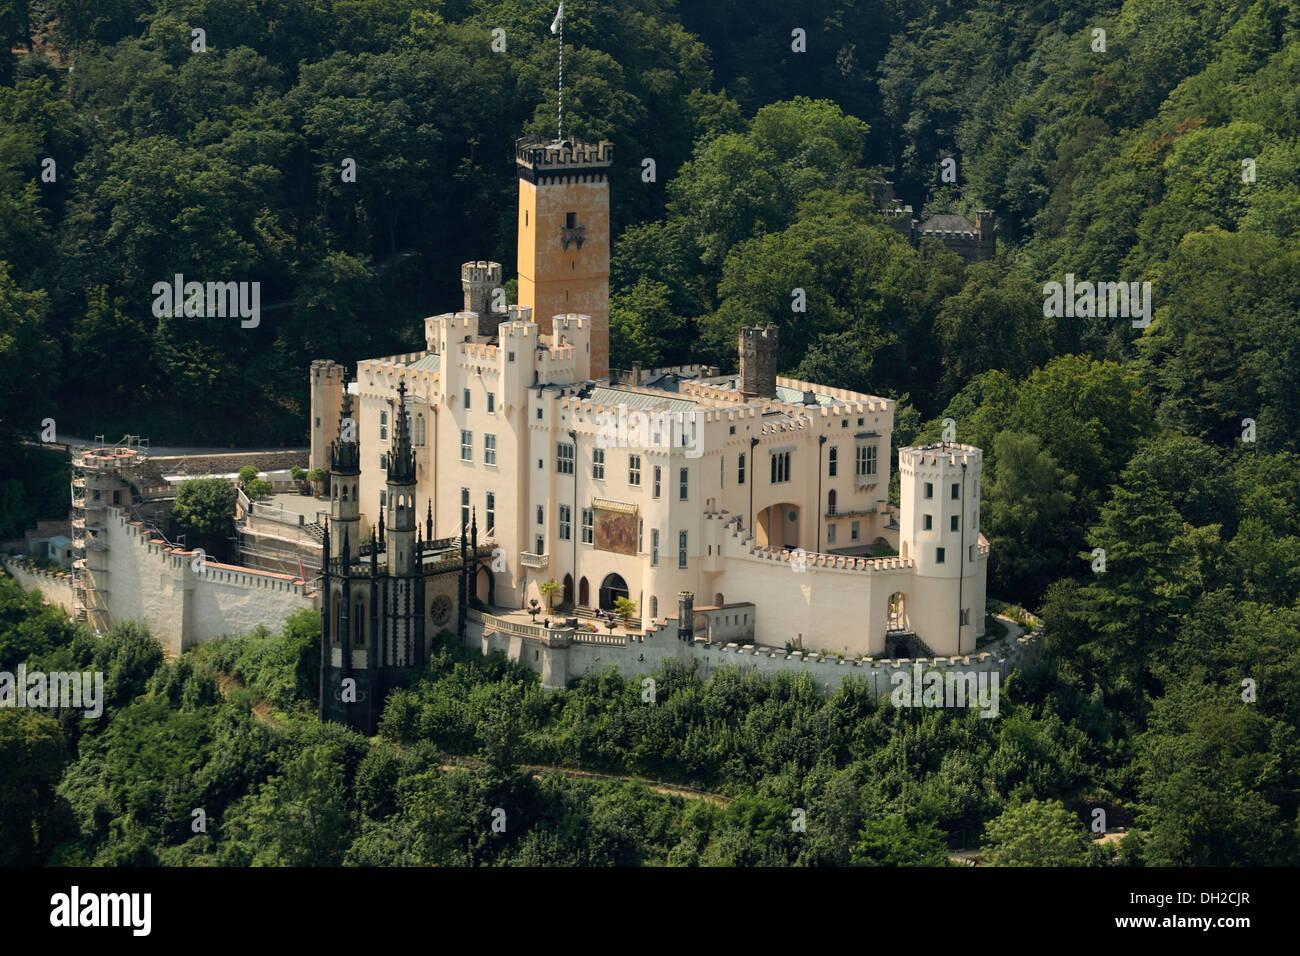 Aerial view, Schloss Stolzenfels Castle, Koblenz Stock ...